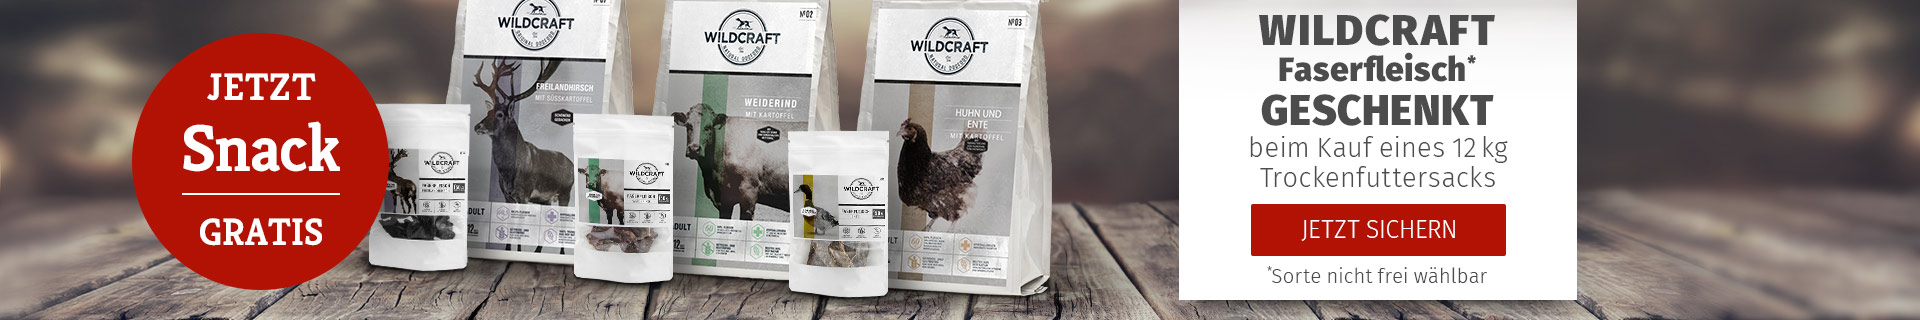 Wildcraft Aktion - 12kg Trockenfuttersack kaufen und Hundesnack Faserfleisch gratis dazu erhalten